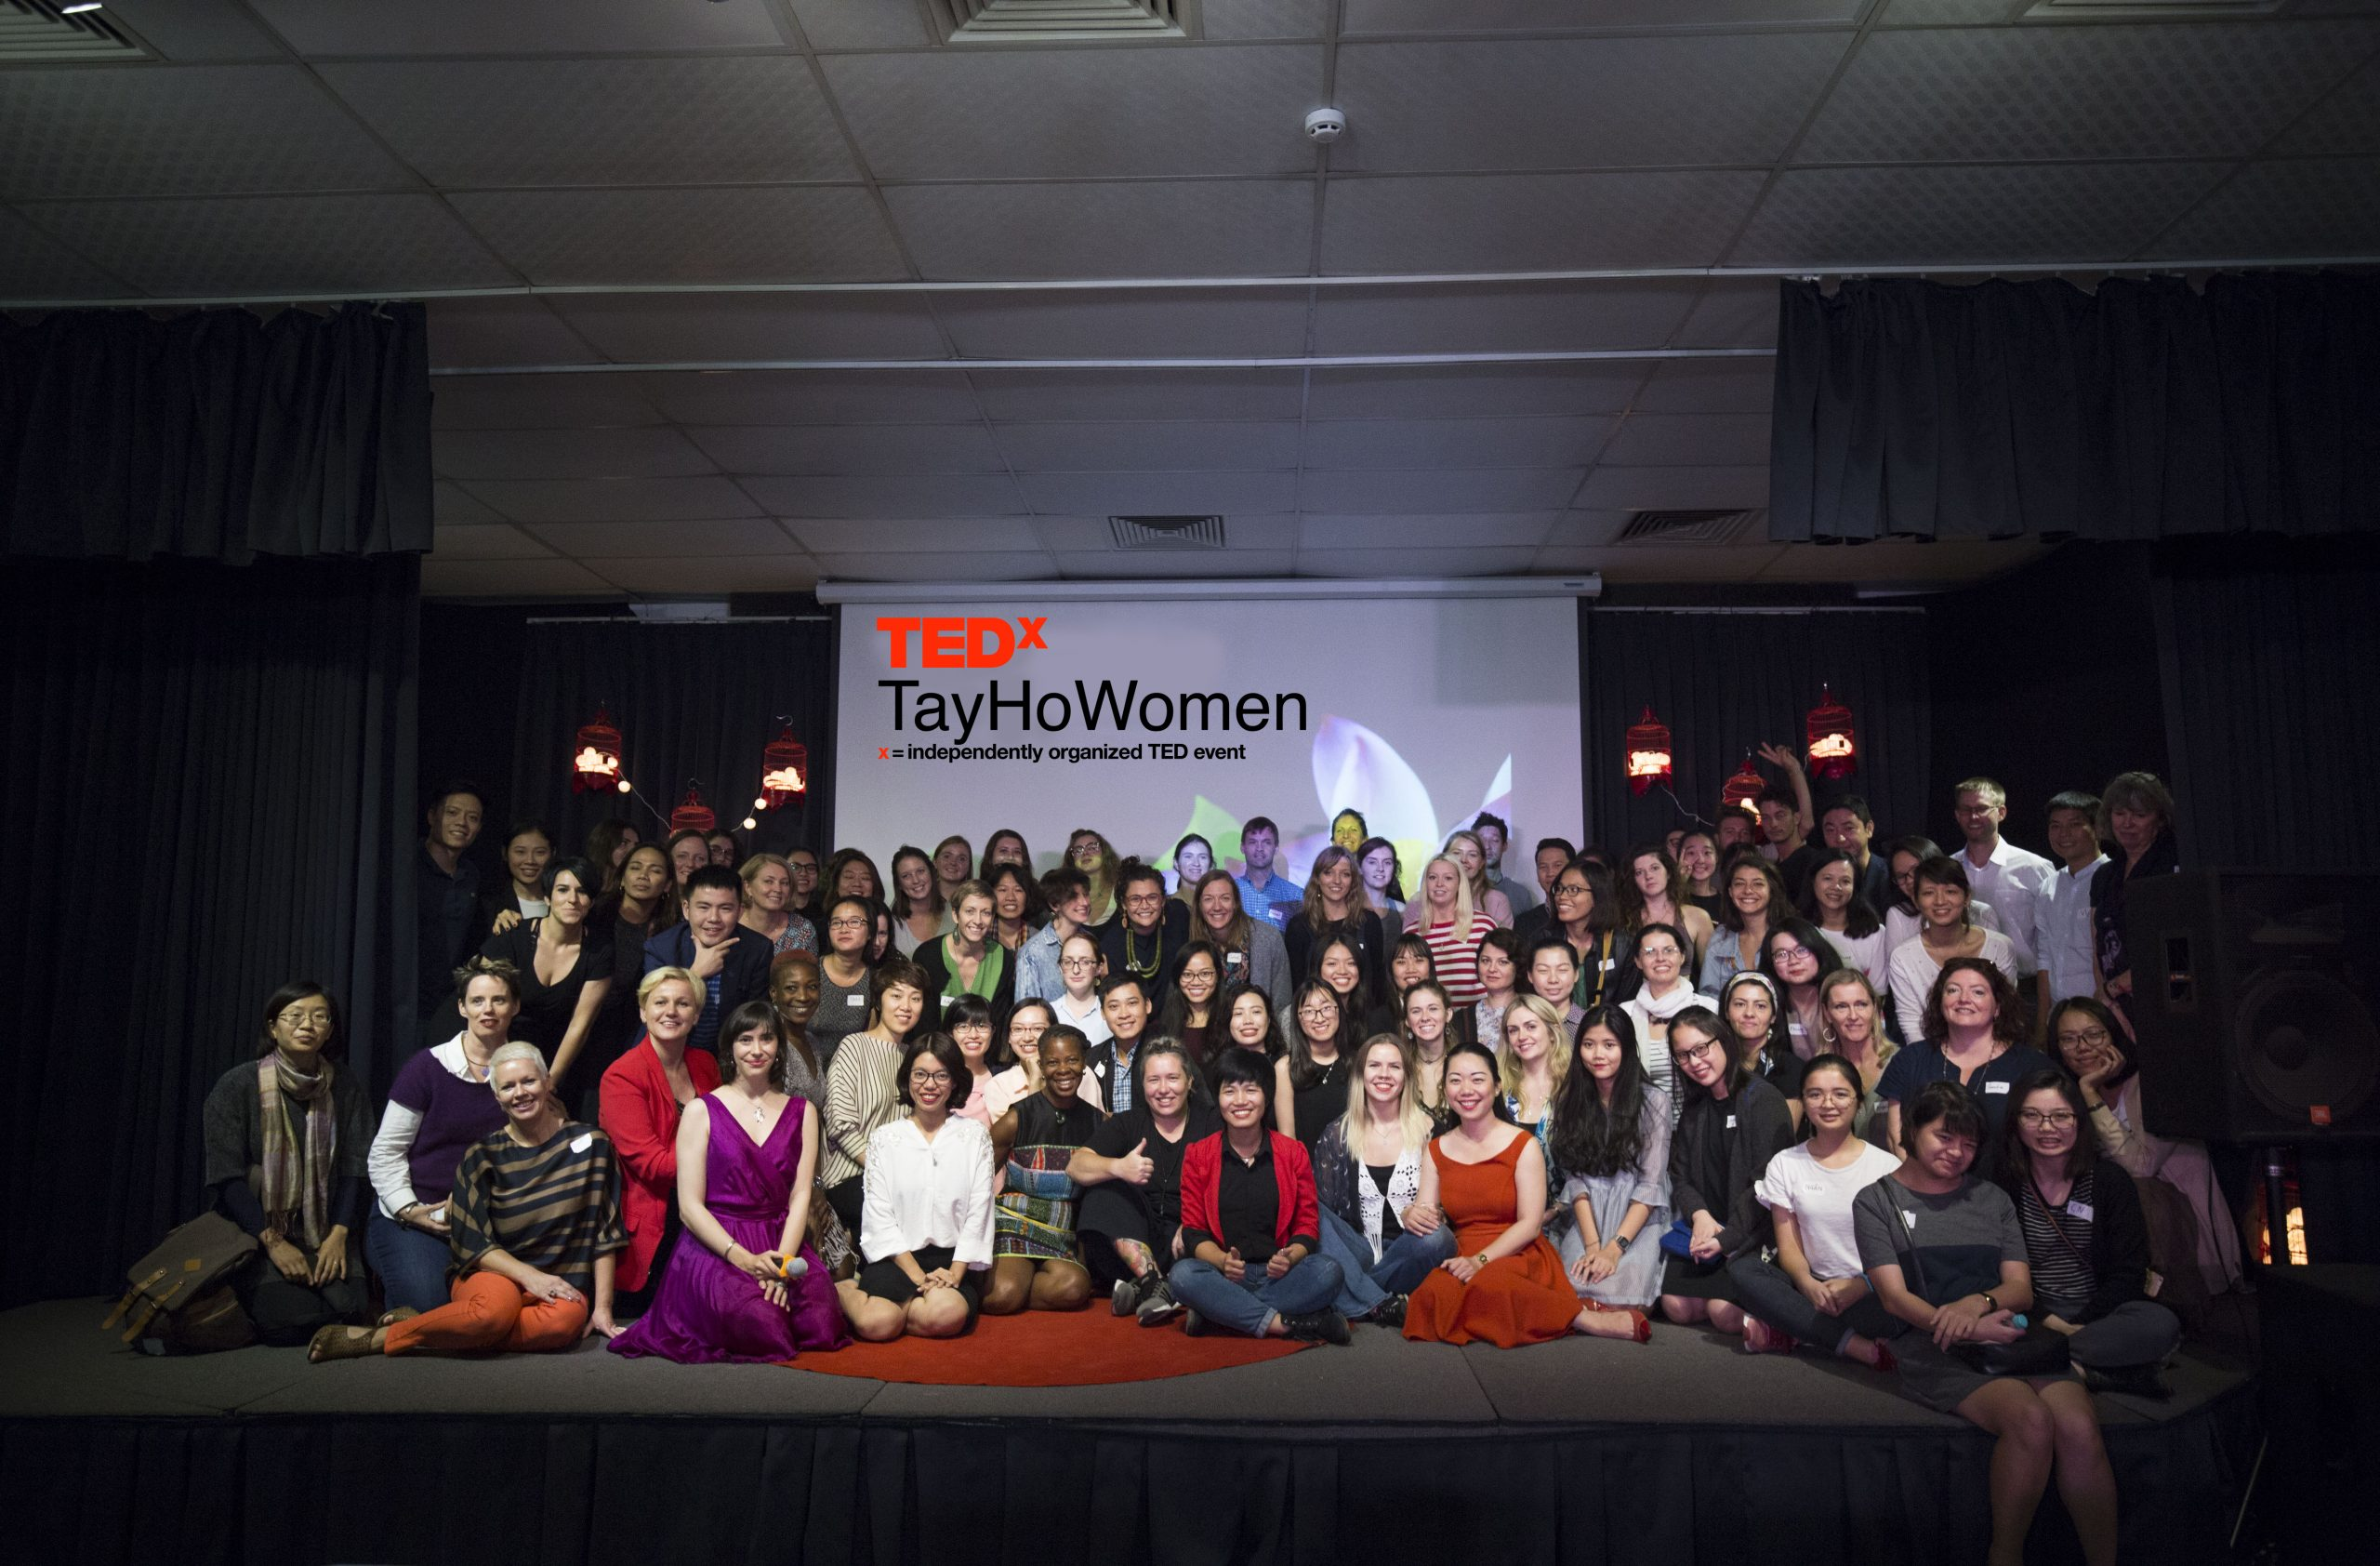 мероприятие TEDx групповое фото 2018 год